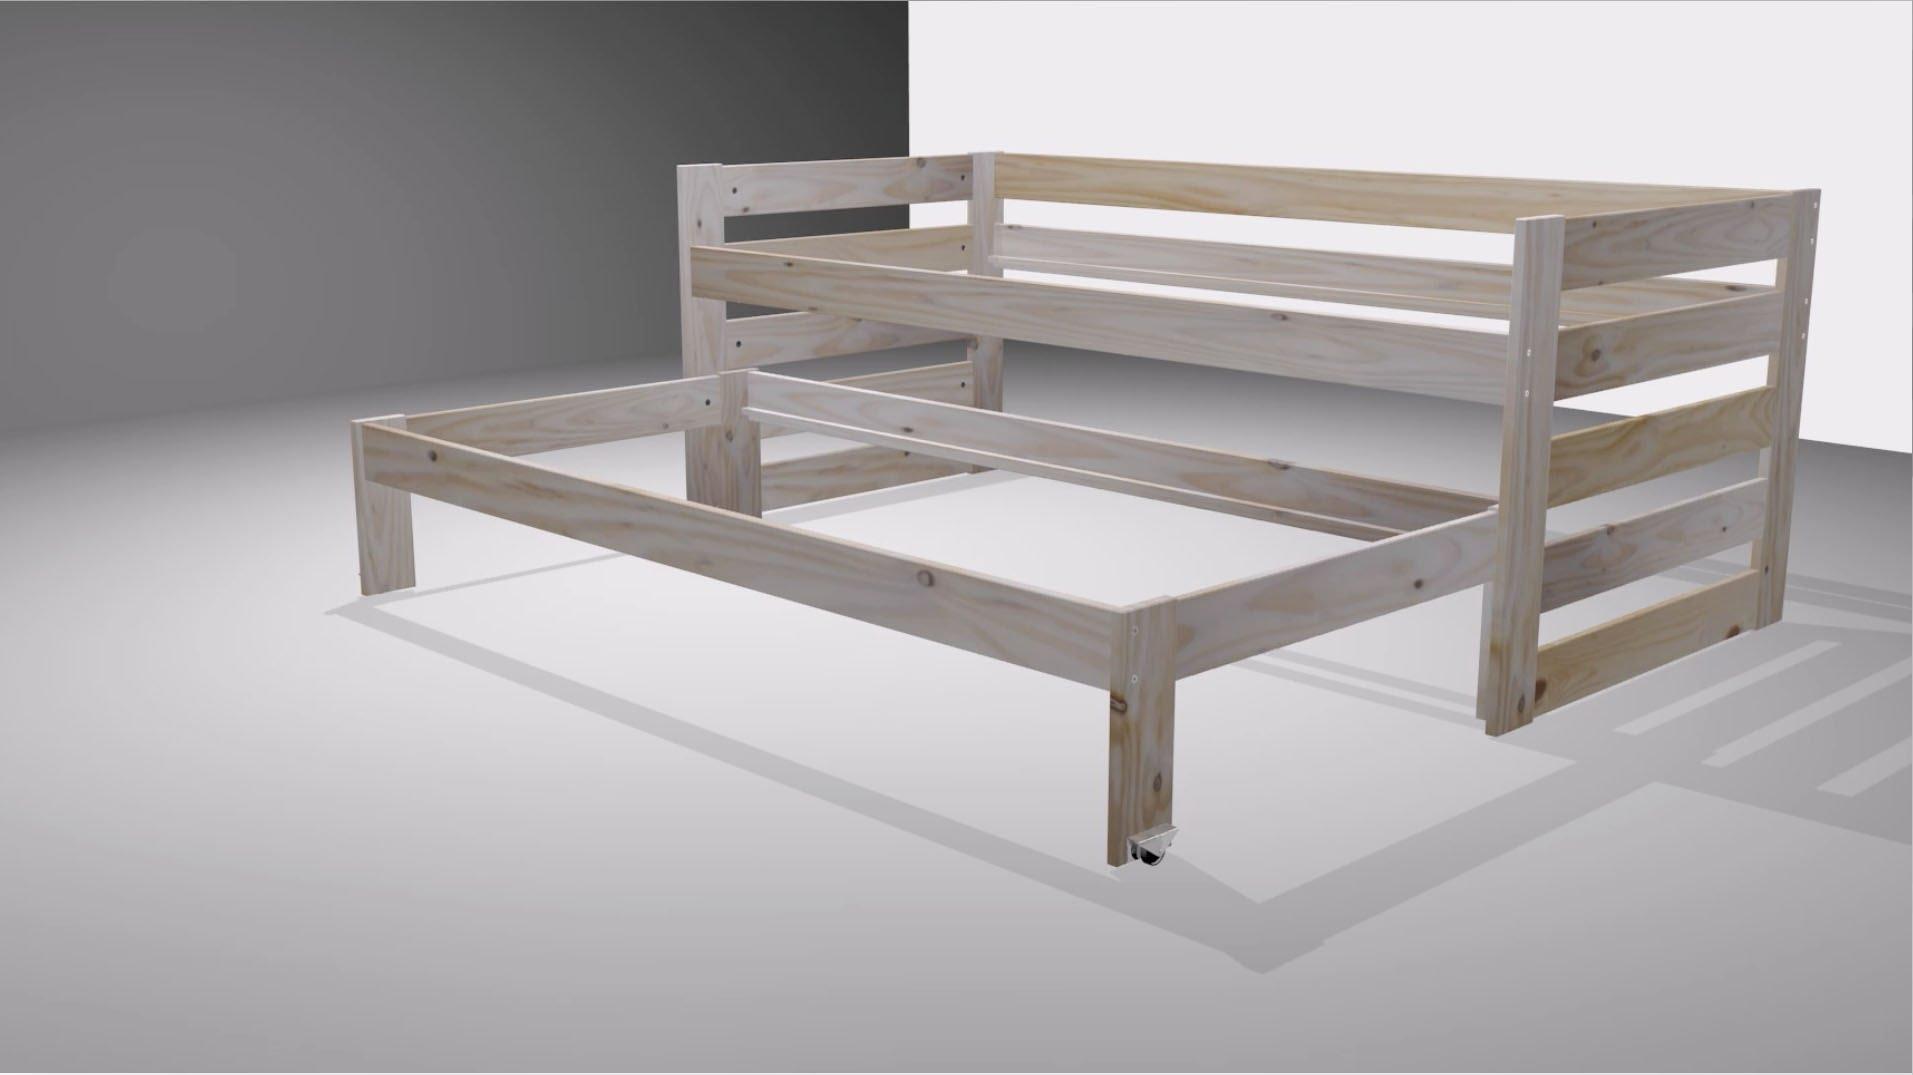 Muebles lufe ejemplo oficines muebles de oficina en - Muebles lufe azpeitia ...